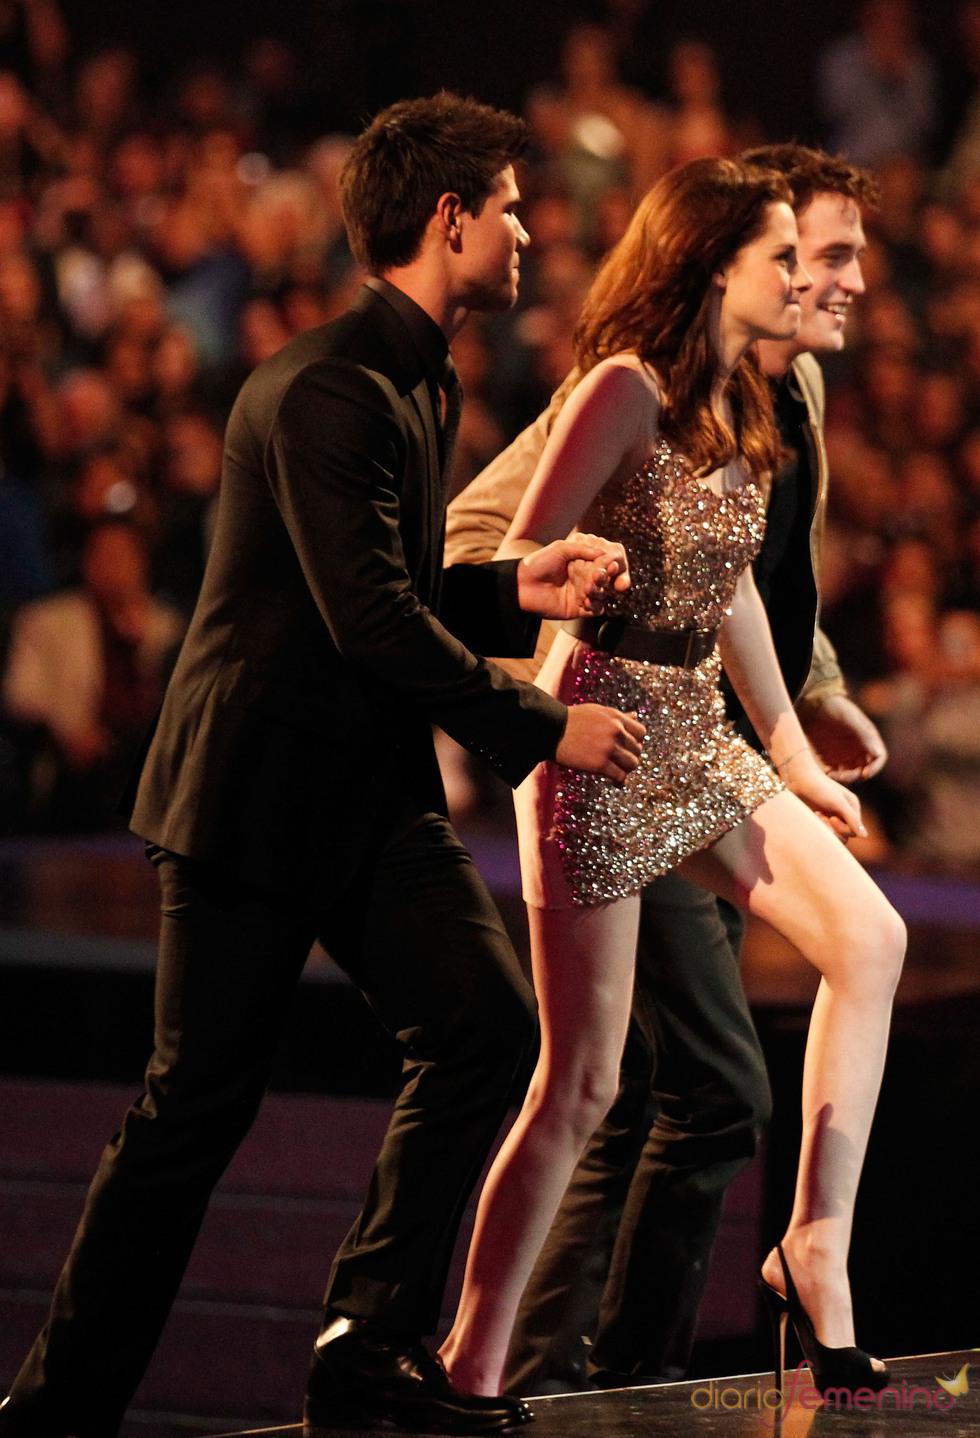 El mini vestido de Kristen Stewart en el People's Choice Awards 2011